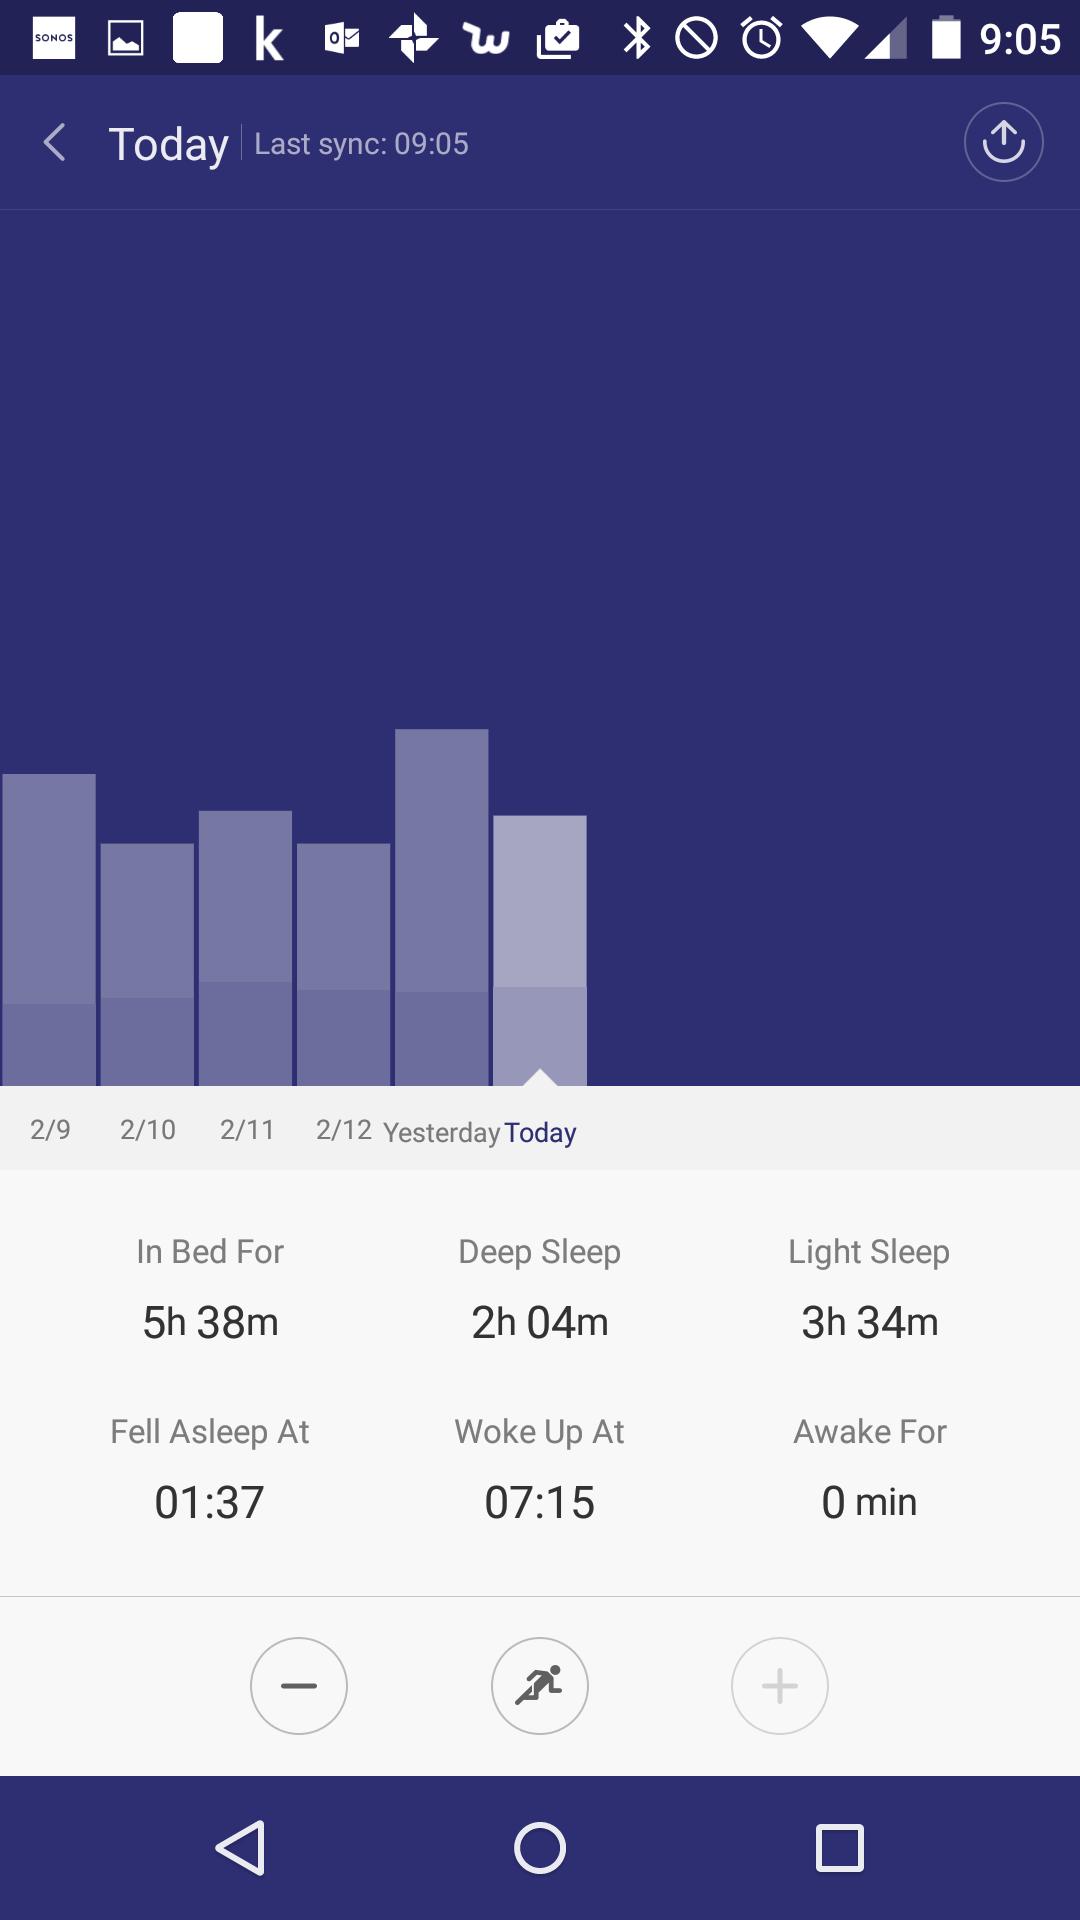 これが過去の睡眠時間の記録。たまに見ると自分が何時頃就寝しているのか分かるのはちょっと楽しい。でも全然それを活かしてはいないw